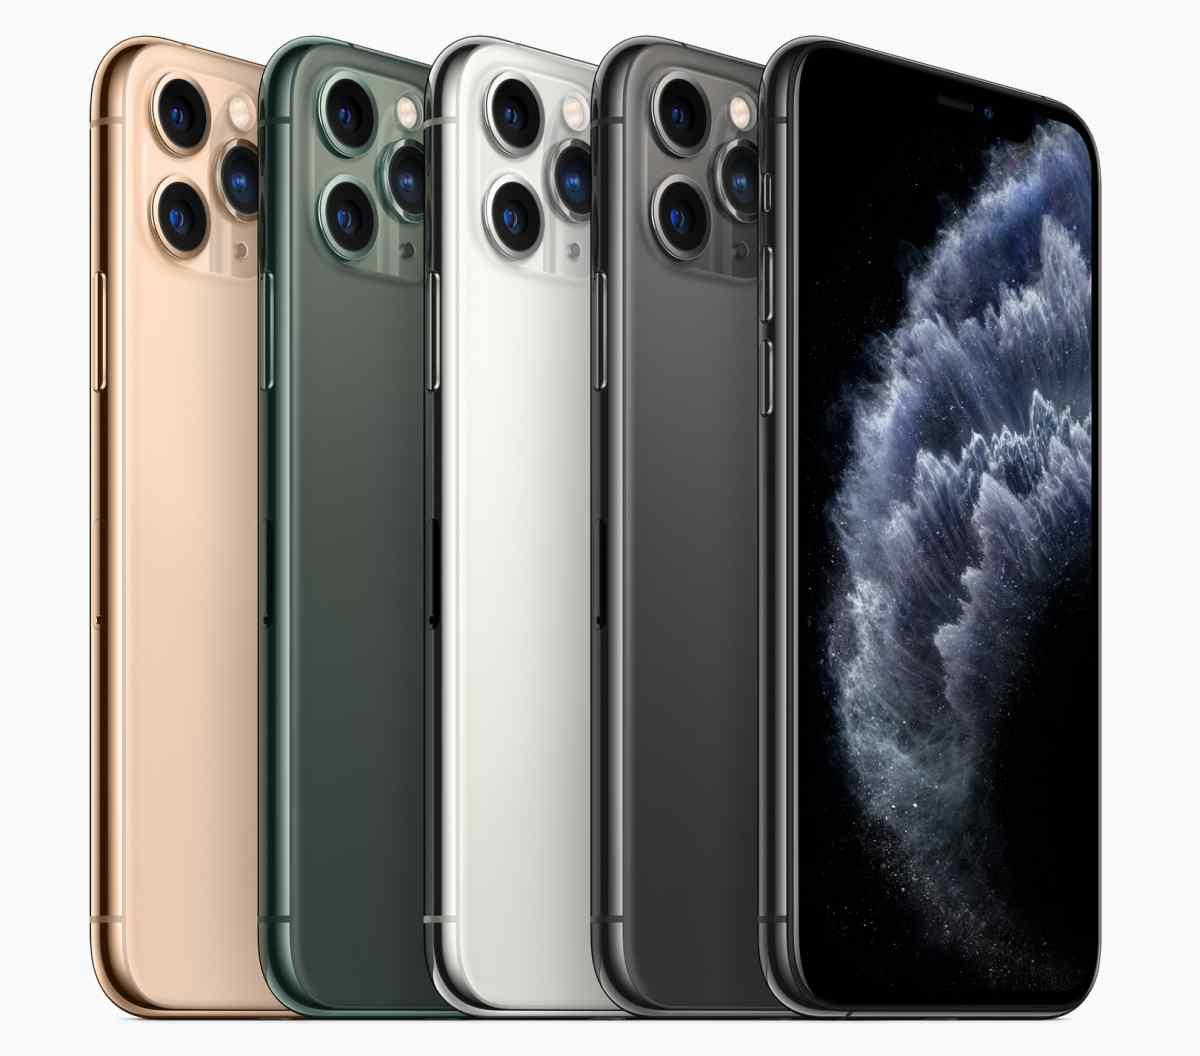 Presentados los nuevos iPhone 11, iPhone 11 Pro e iPhone 11 Pro Max